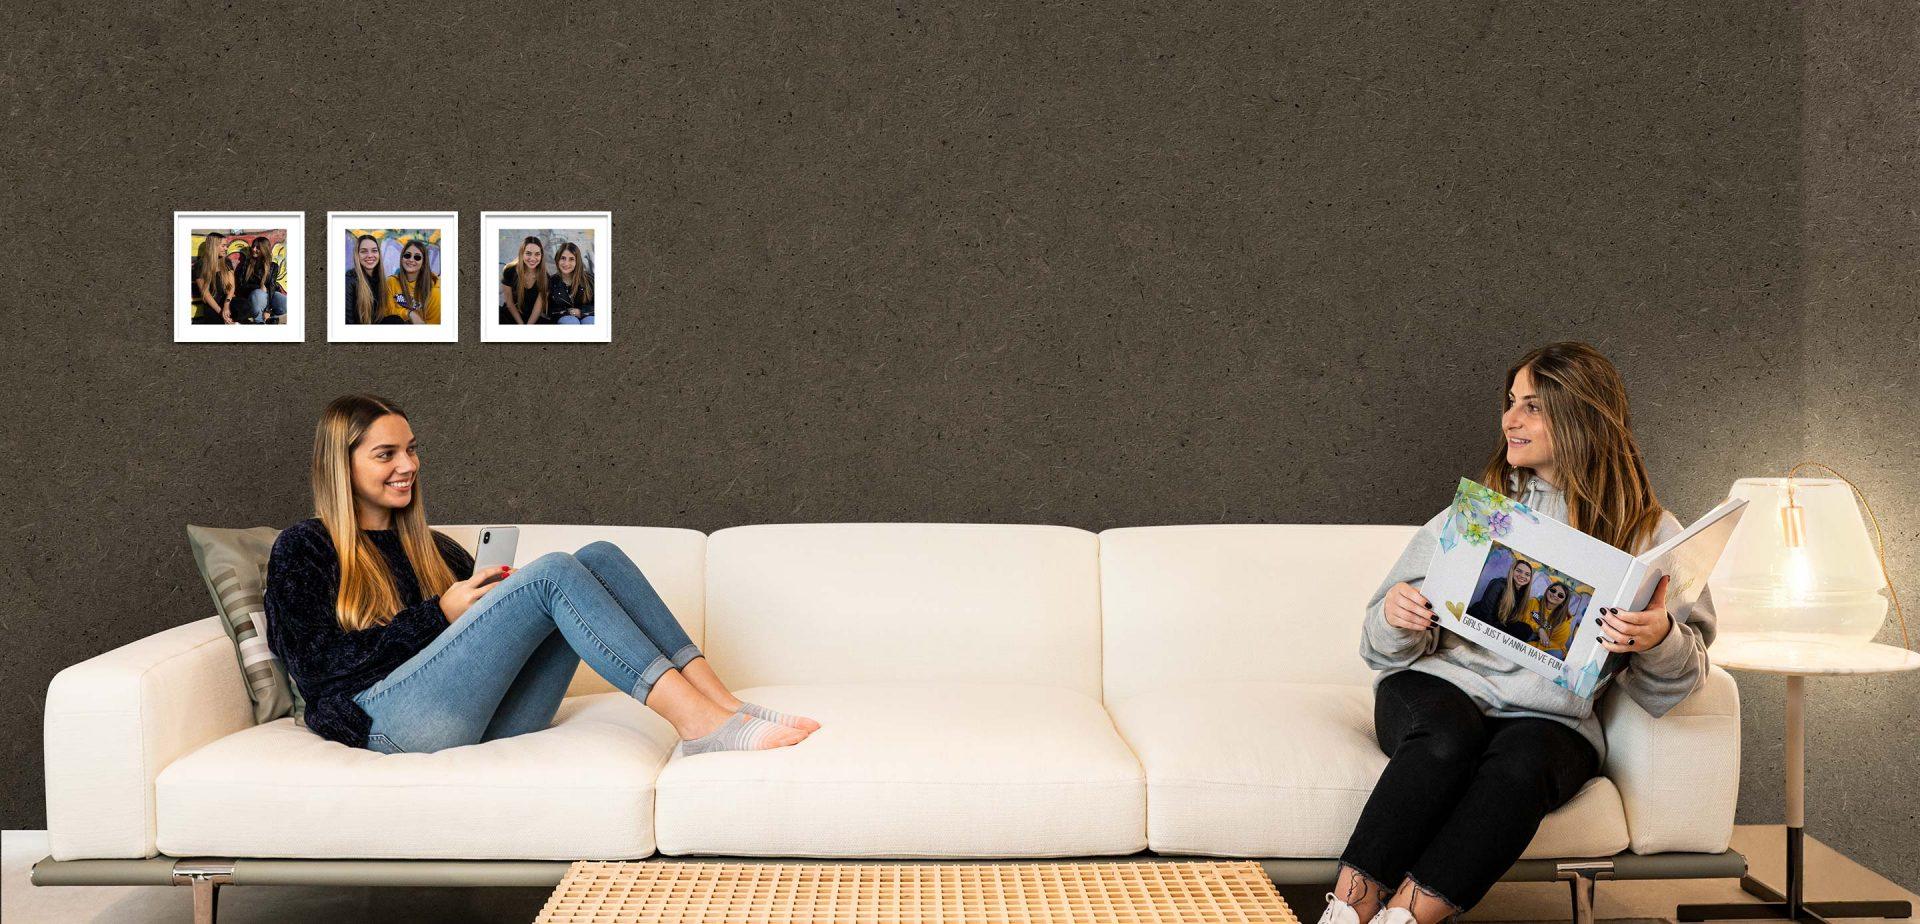 נשים על ספה מדפדפות בספר לופה